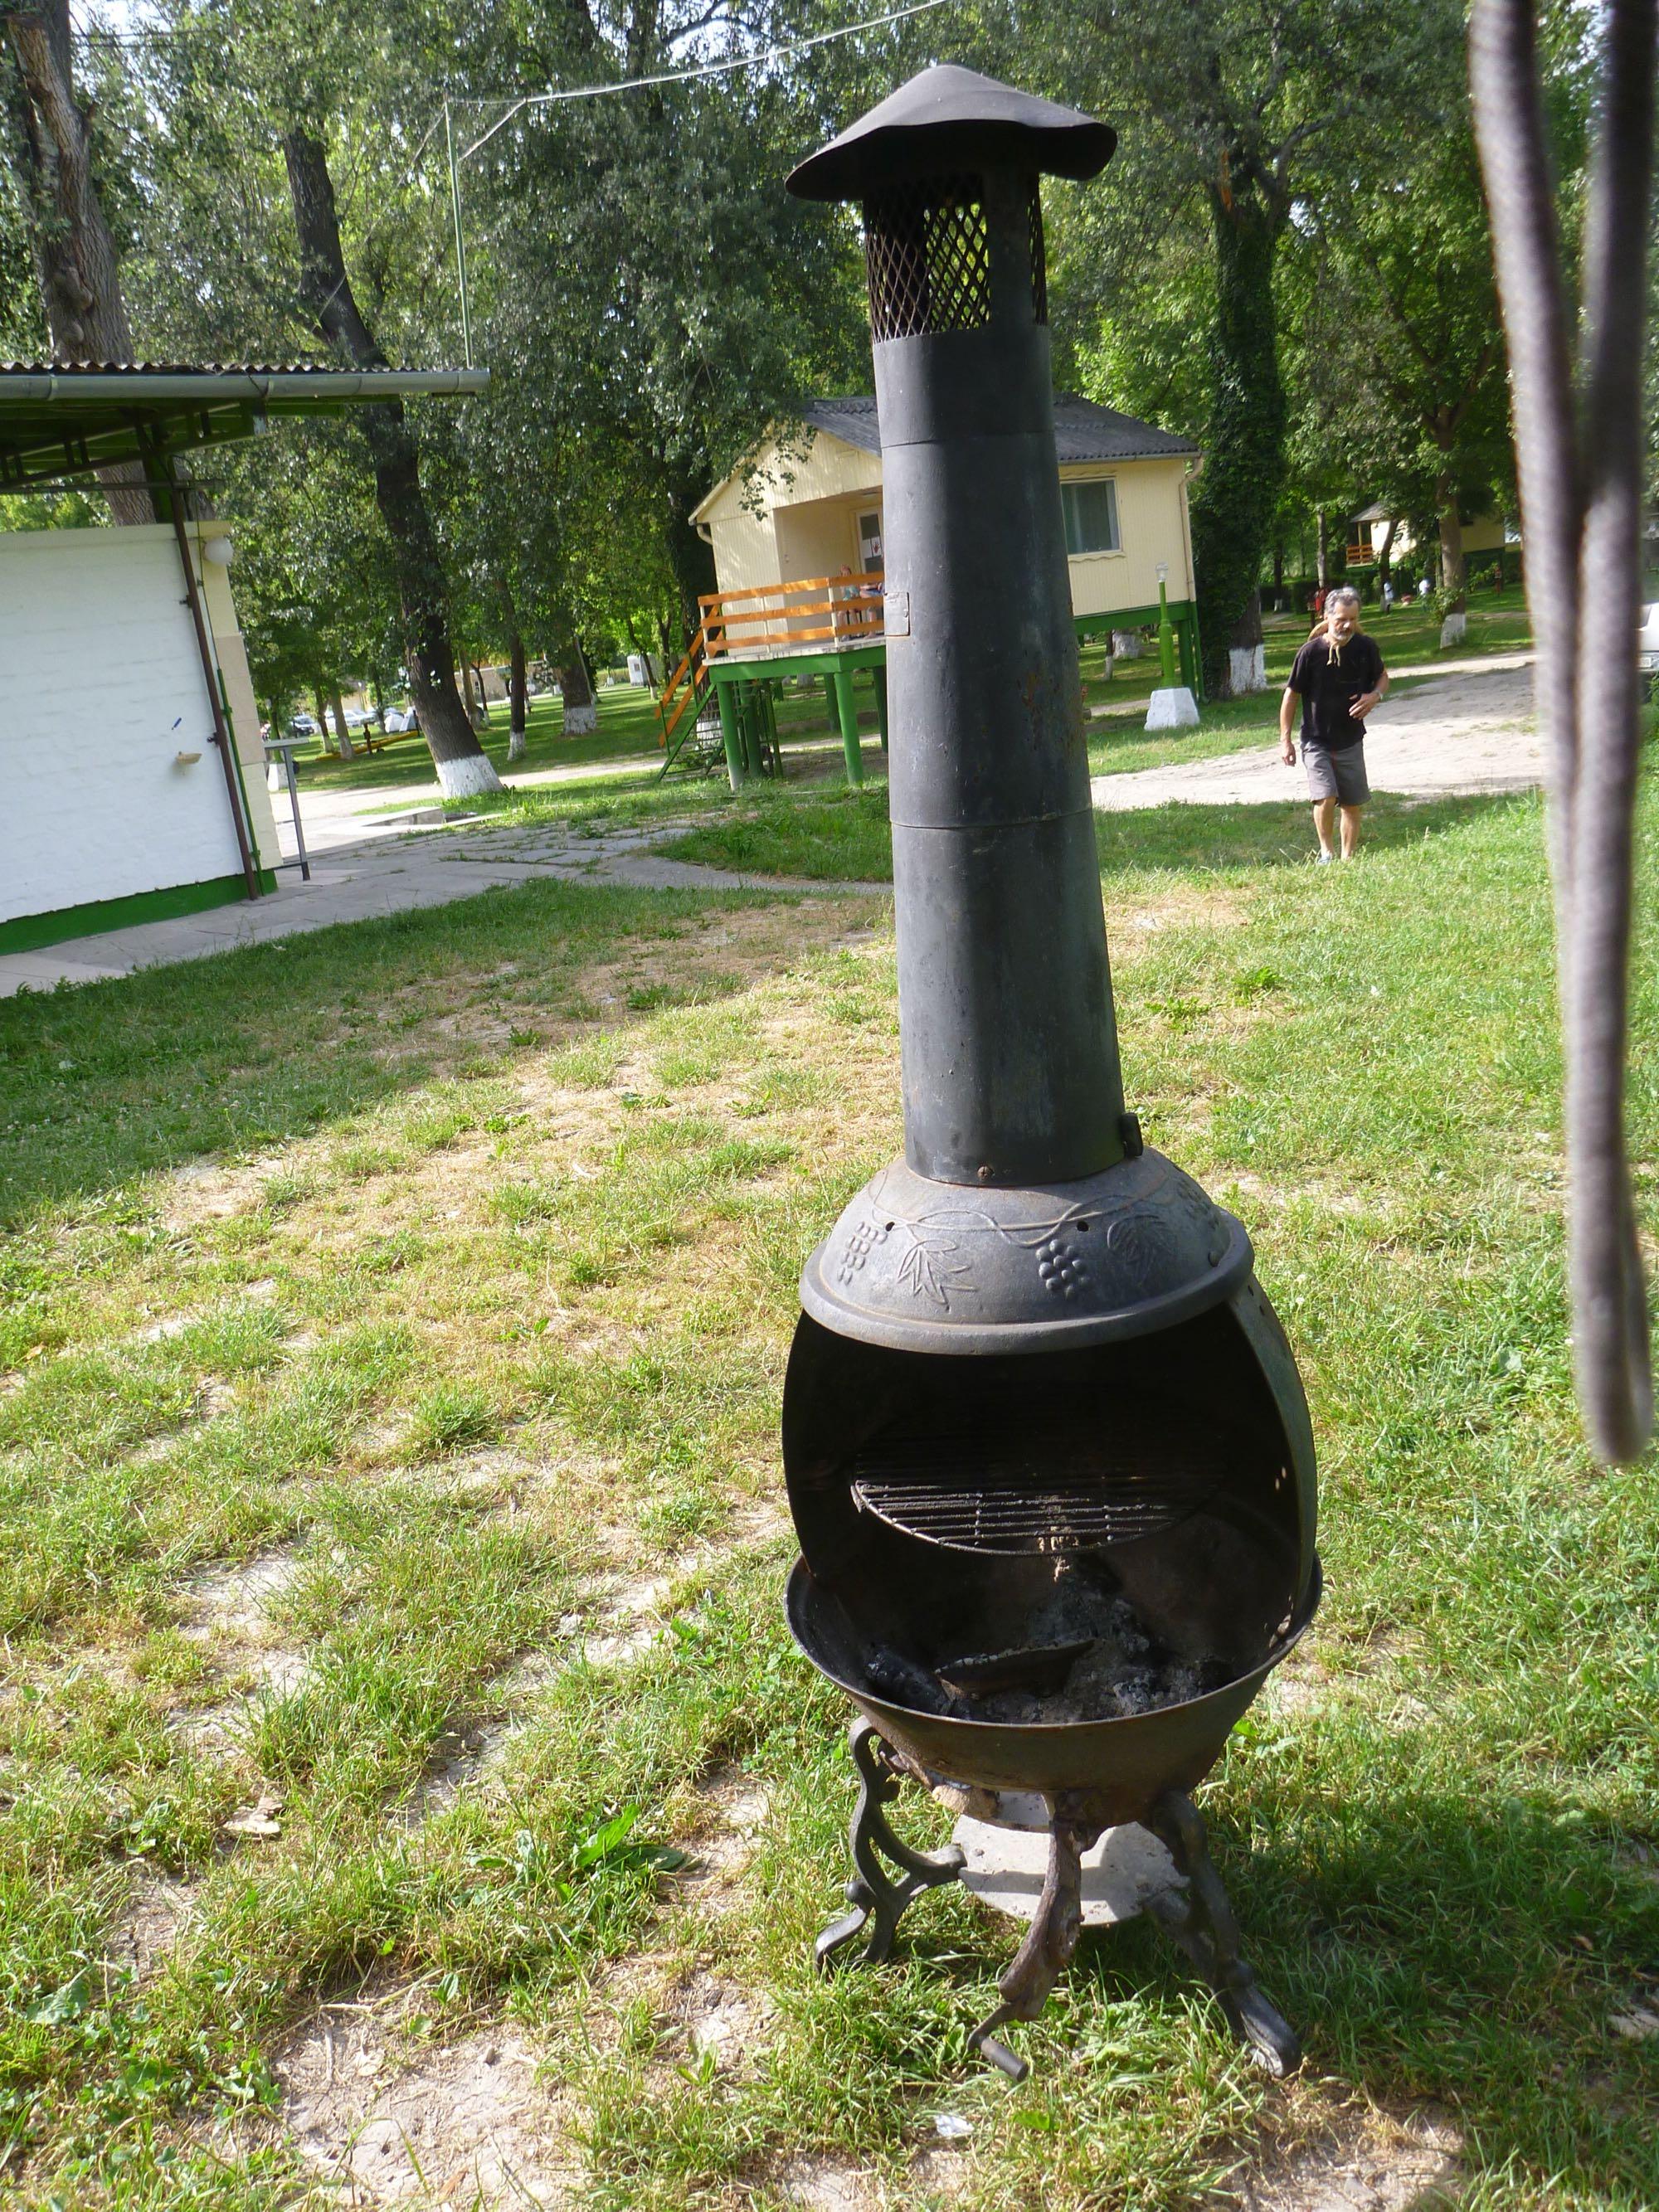 und bald erreichen wir den Campingplatz Szentendre